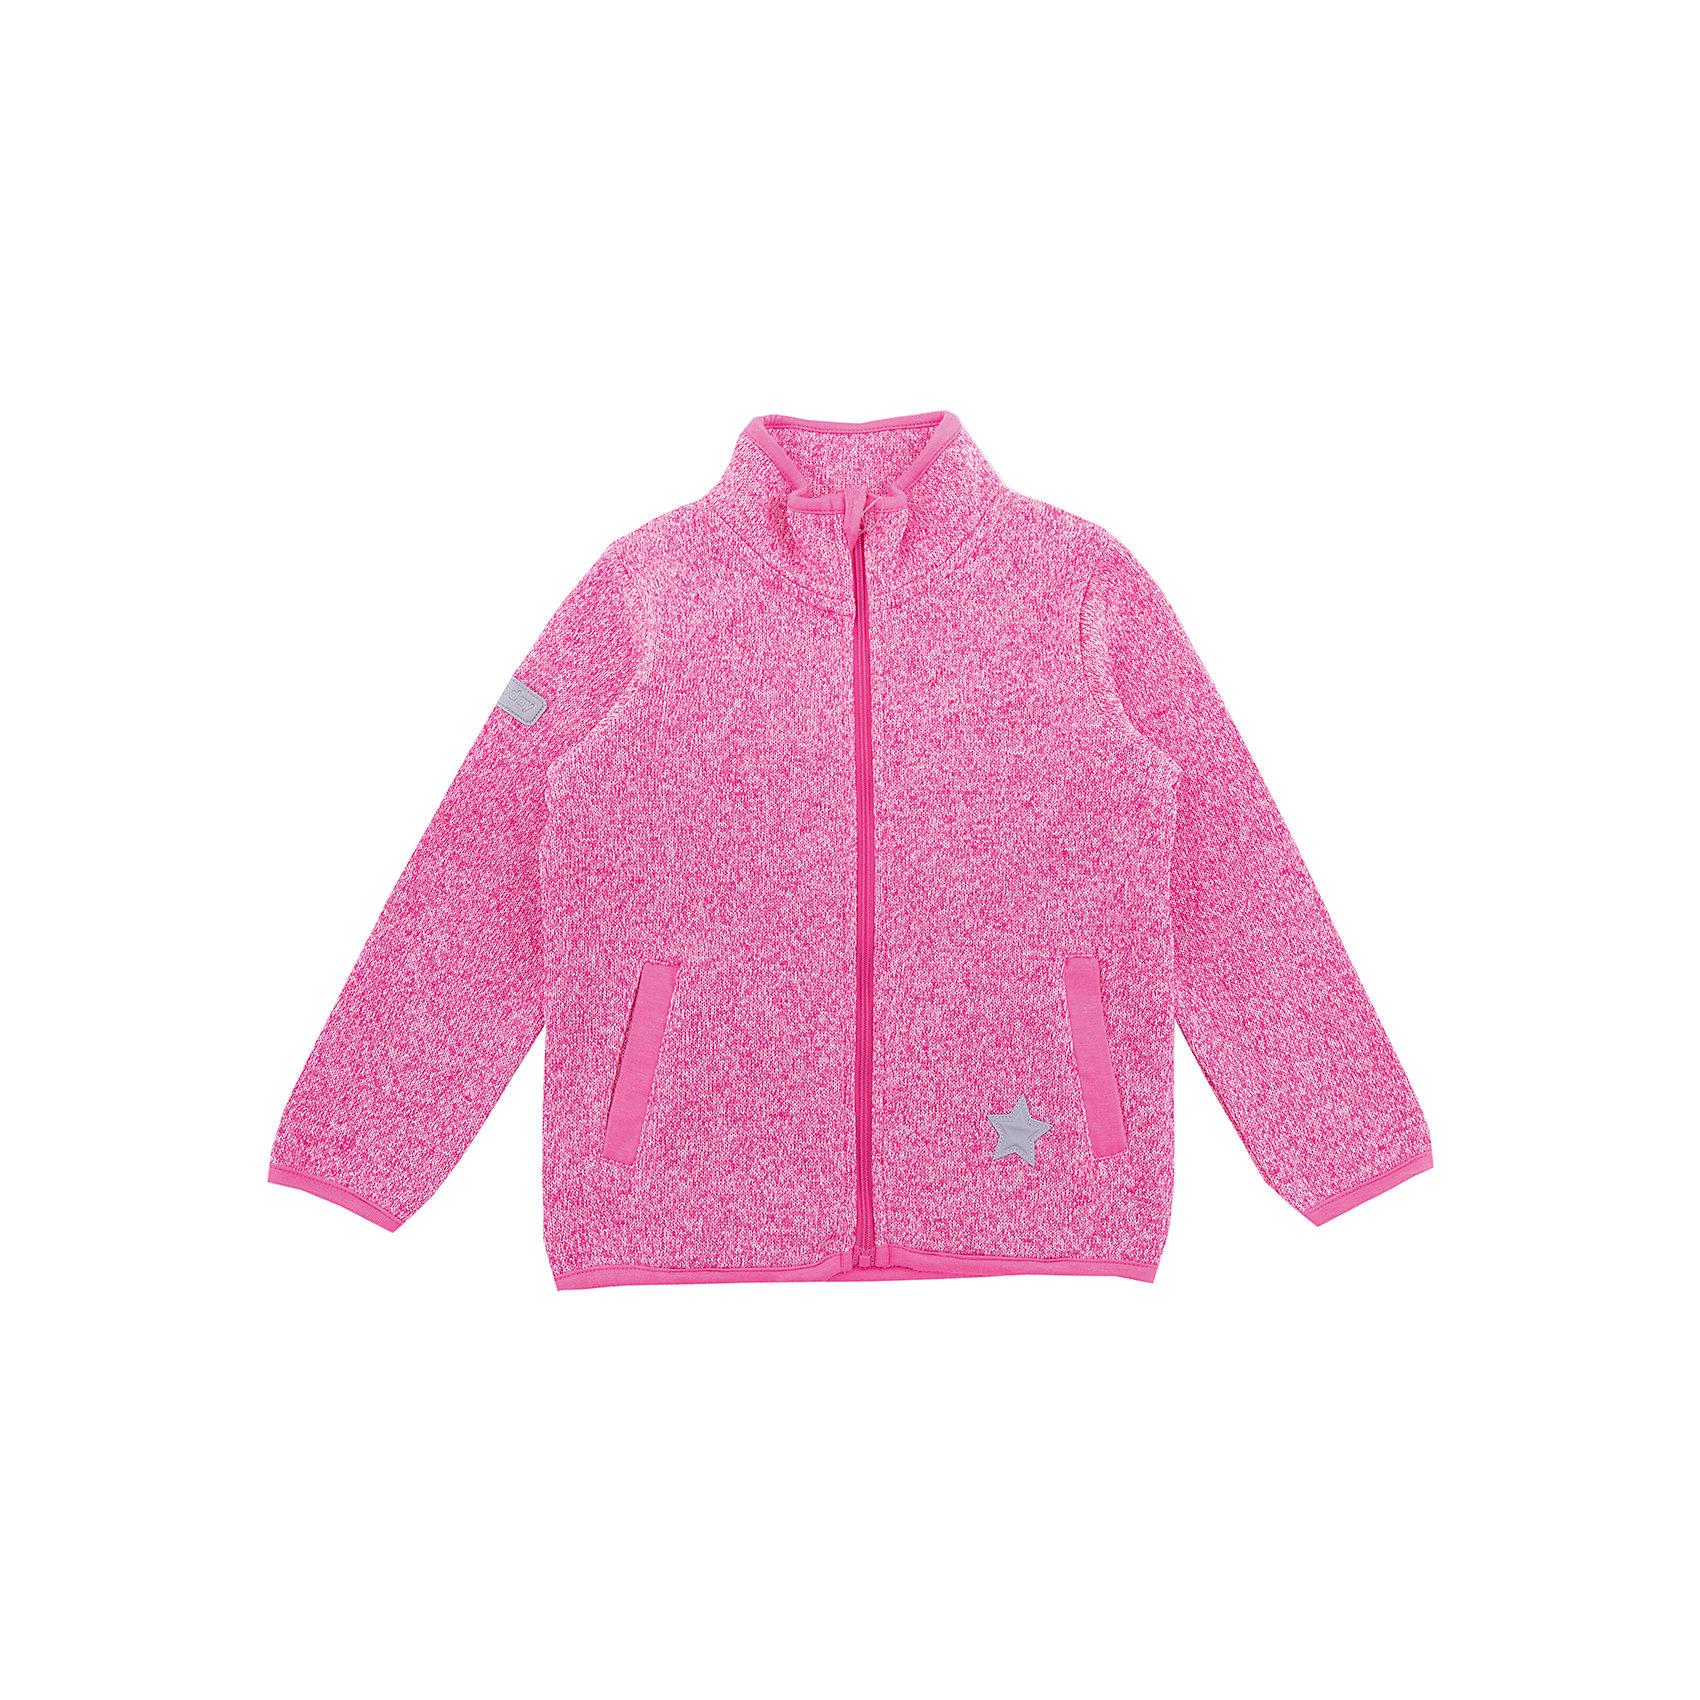 Куртка PlayToday для девочкиВерхняя одежда<br>Куртка PlayToday для девочки<br>Куртка на молнии. Выполнена из флиса. Воротник - стойка, манжеты и низ изделия на мягких трикотажных резинках. Модель дополнена встрочными карманами.  Светоотражатели обеспечат видимость ребенка в темное время суток.<br>Состав:<br>100% полиэстер<br><br>Ширина мм: 356<br>Глубина мм: 10<br>Высота мм: 245<br>Вес г: 519<br>Цвет: розовый<br>Возраст от месяцев: 108<br>Возраст до месяцев: 120<br>Пол: Женский<br>Возраст: Детский<br>Размер: 140,98,104,110,116,122,128,134<br>SKU: 7107406